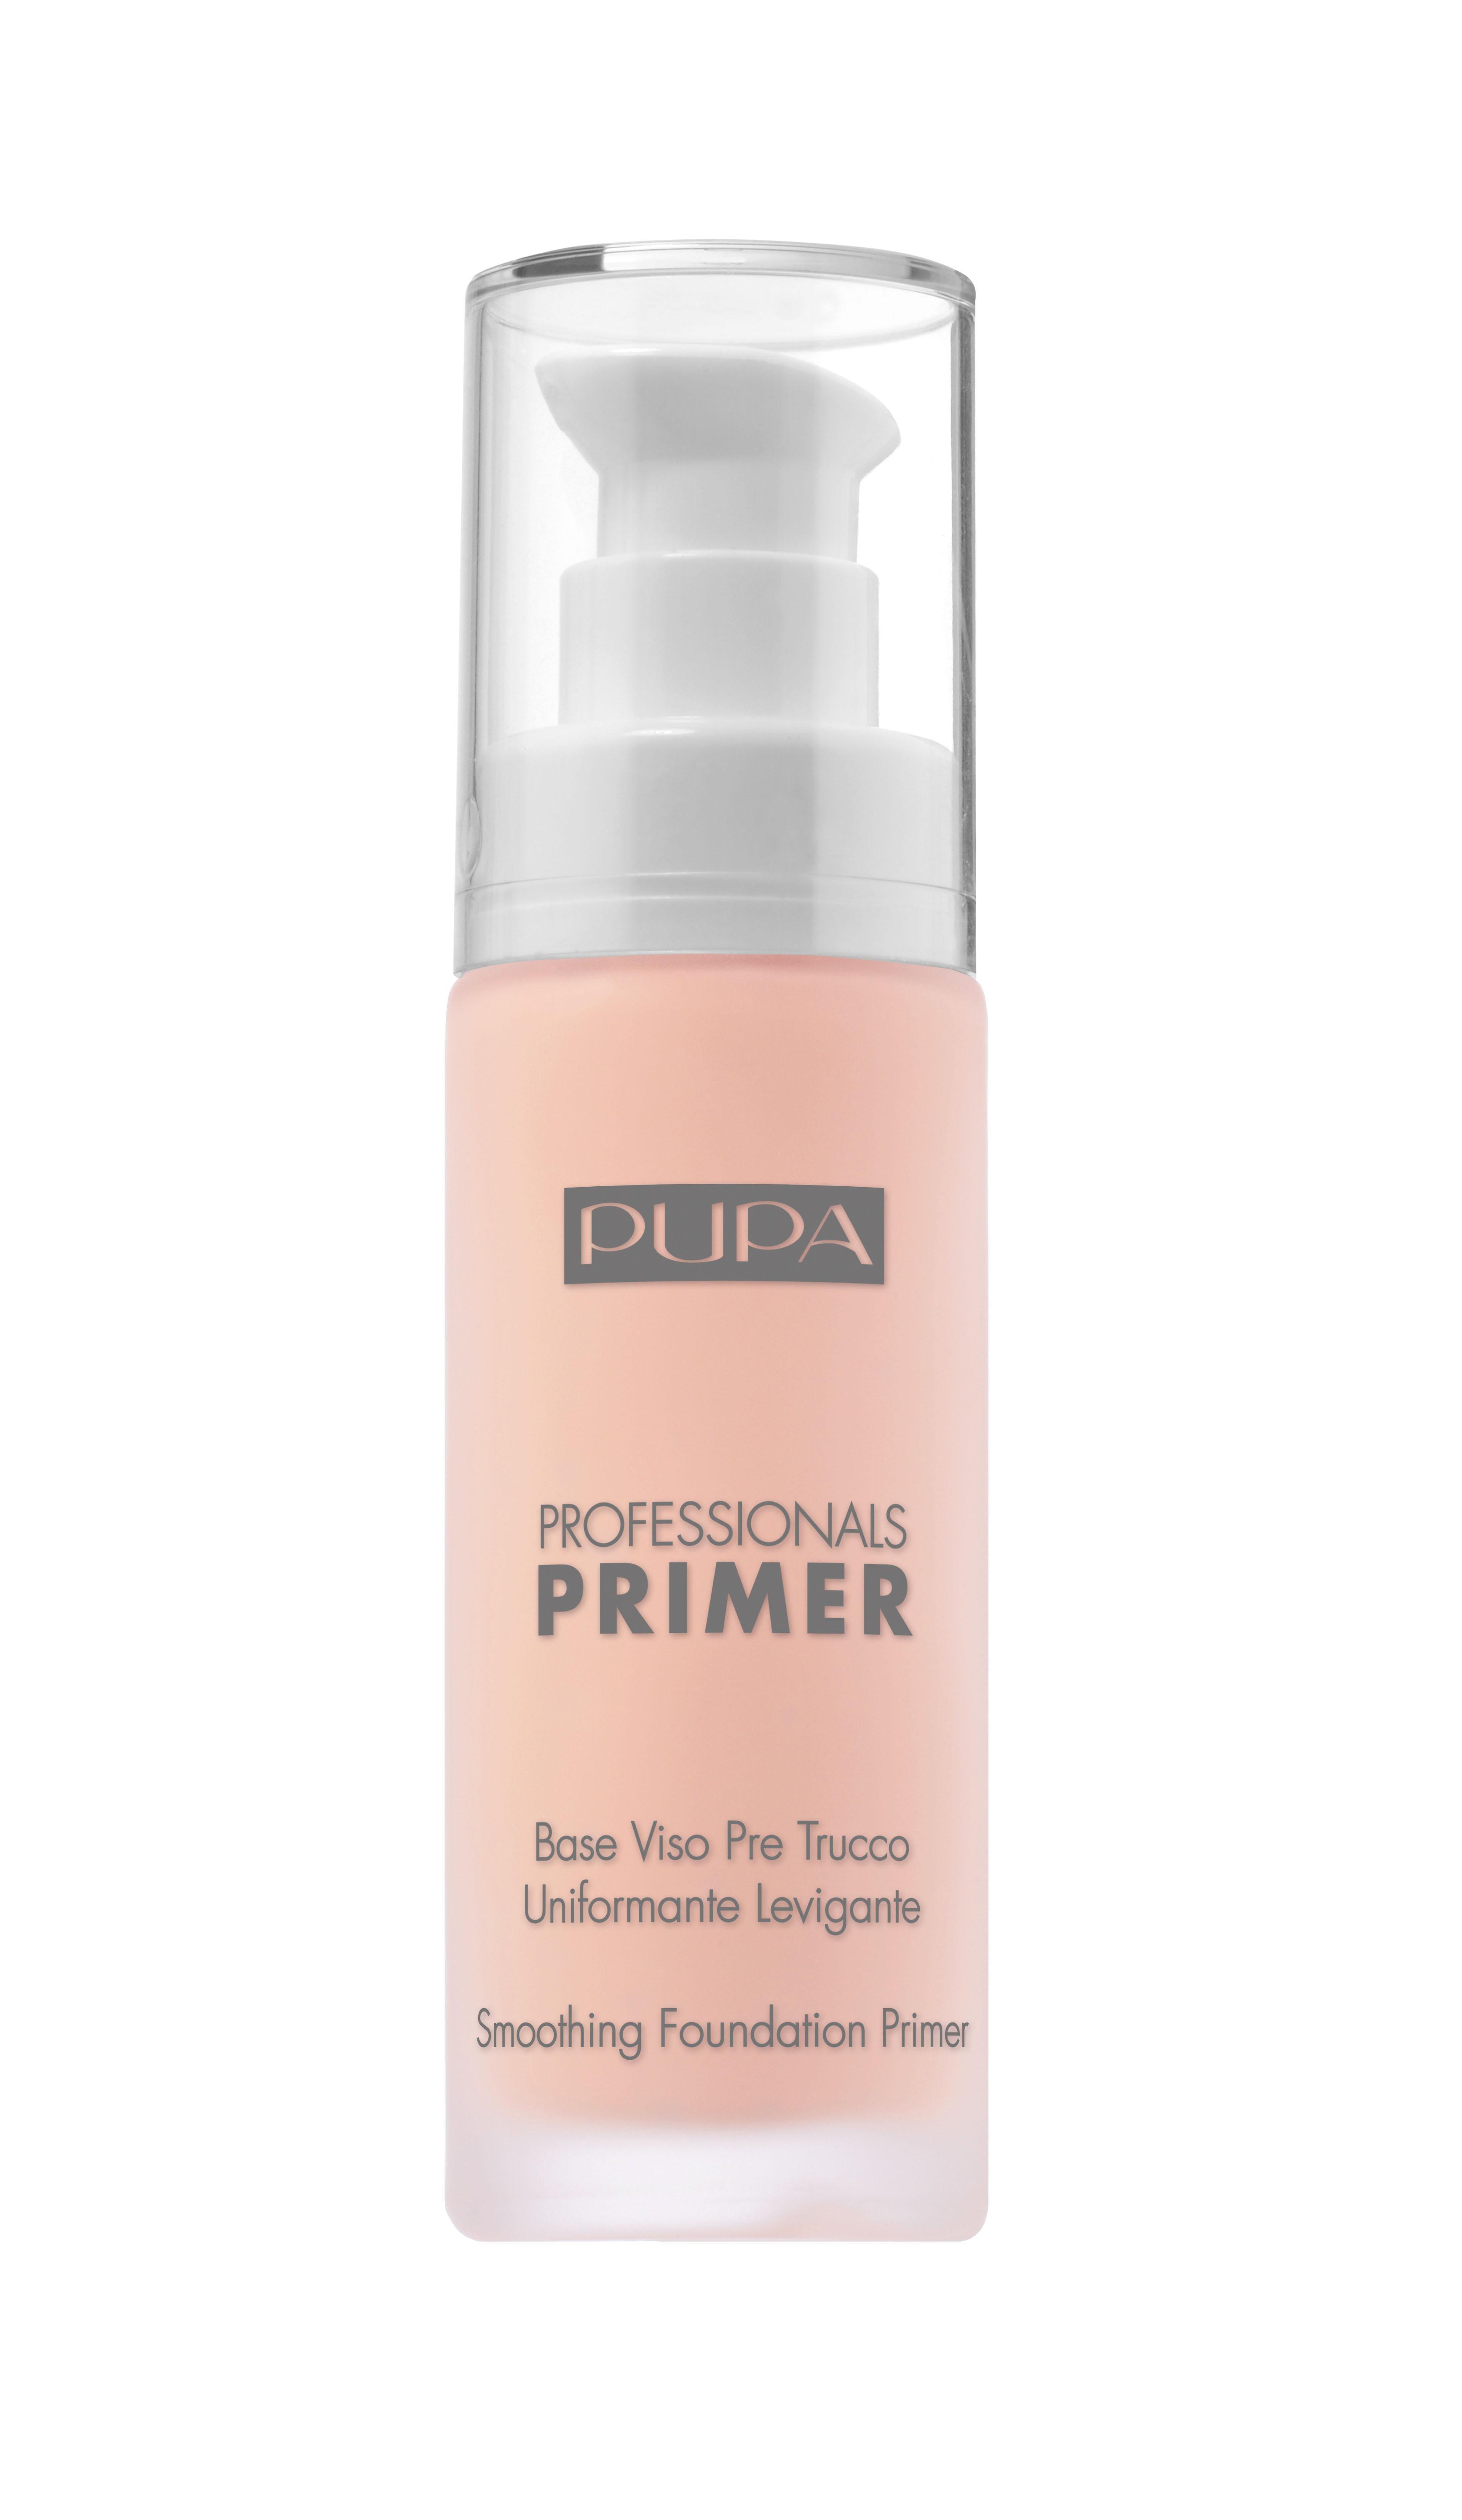 PUPA Основа под макияж 005 & Эффект здоровой кожи&  / PROFESSIONALS Smoothing Foundation Primer 30мл -  Тональные основы